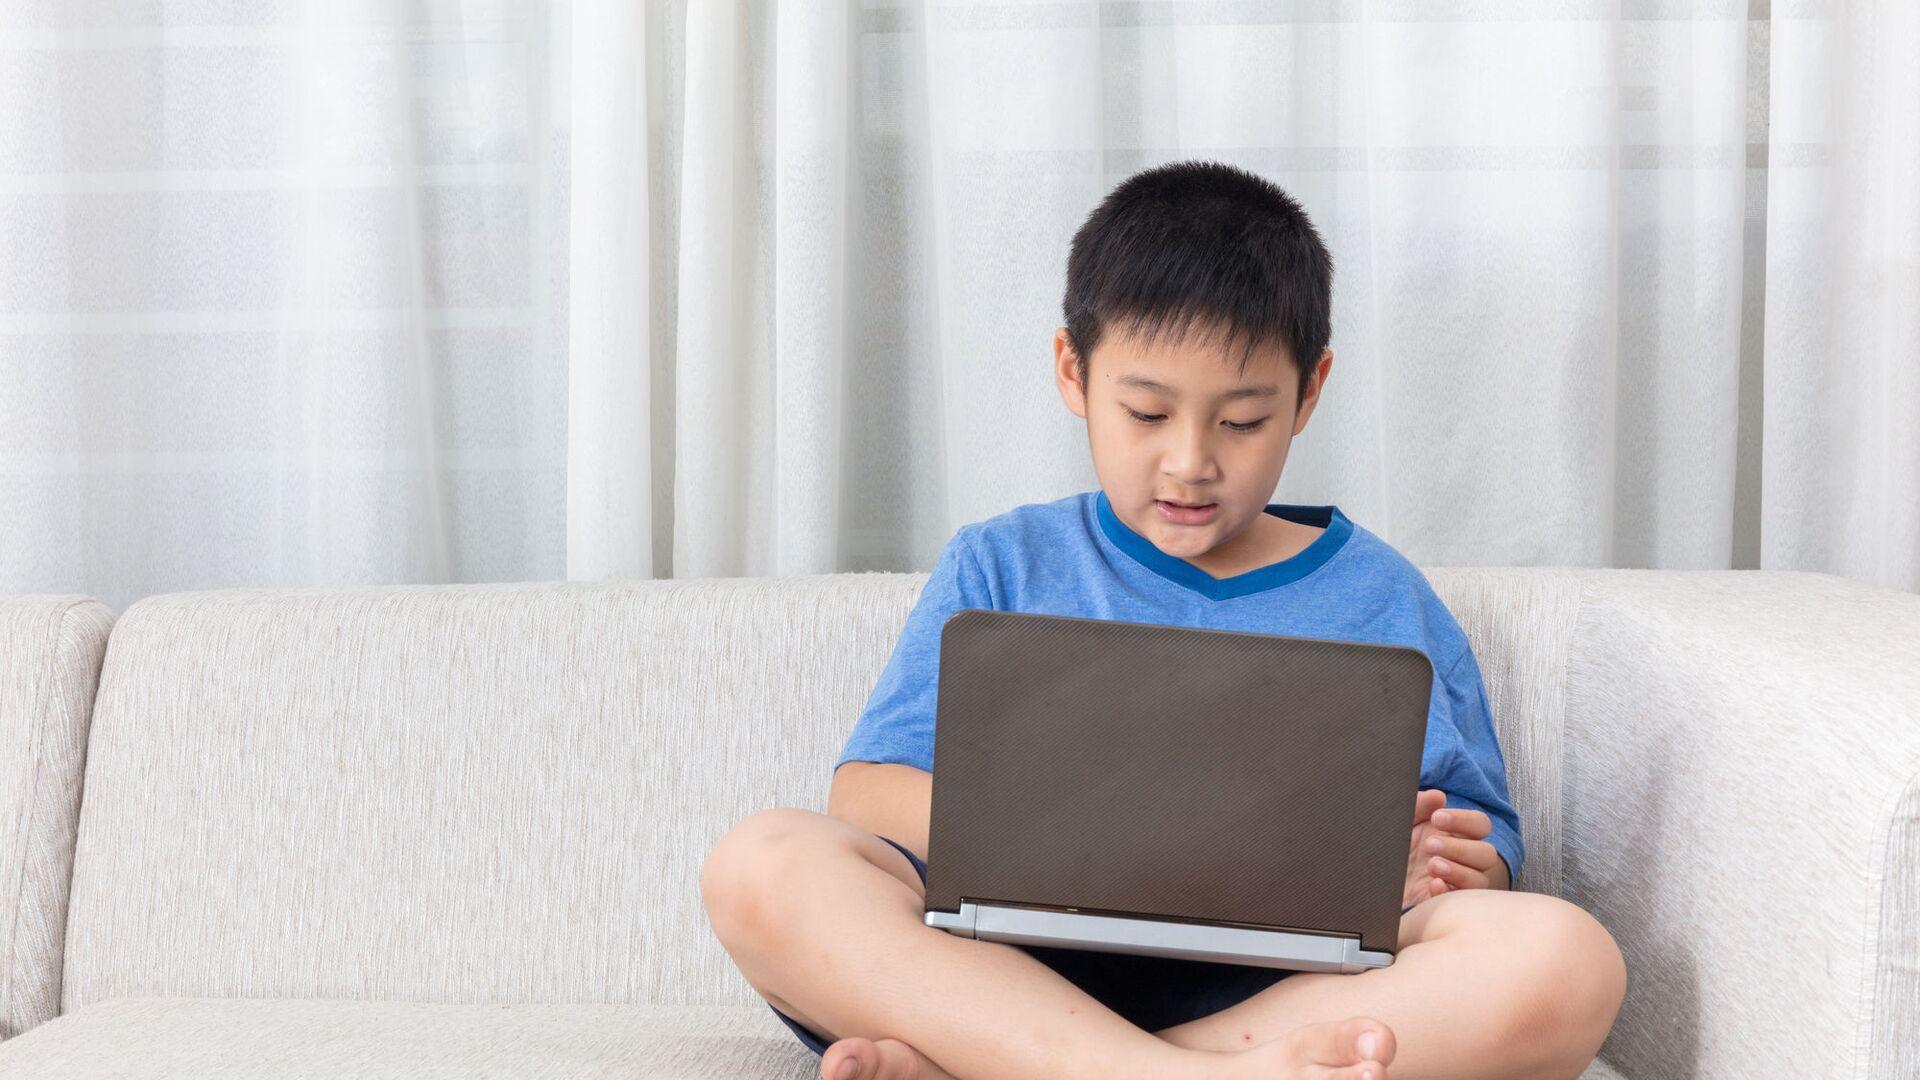 Cậu bé châu Á với máy tính xách tay - Sputnik Việt Nam, 1920, 04.10.2021